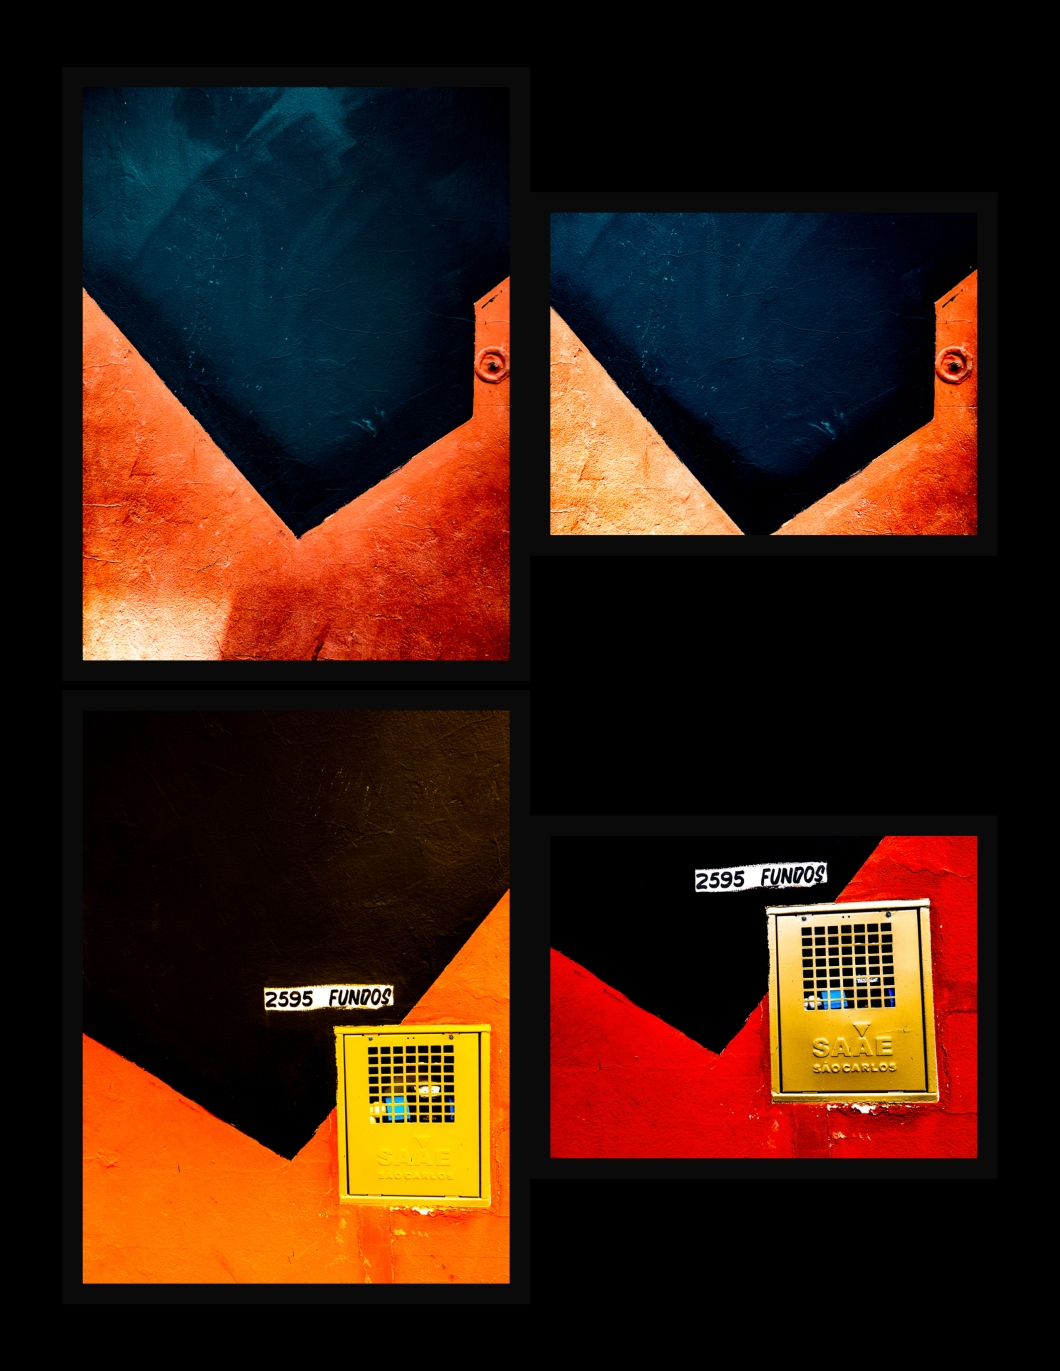 Quadriptico Text&Cores Sanca 05Mar19